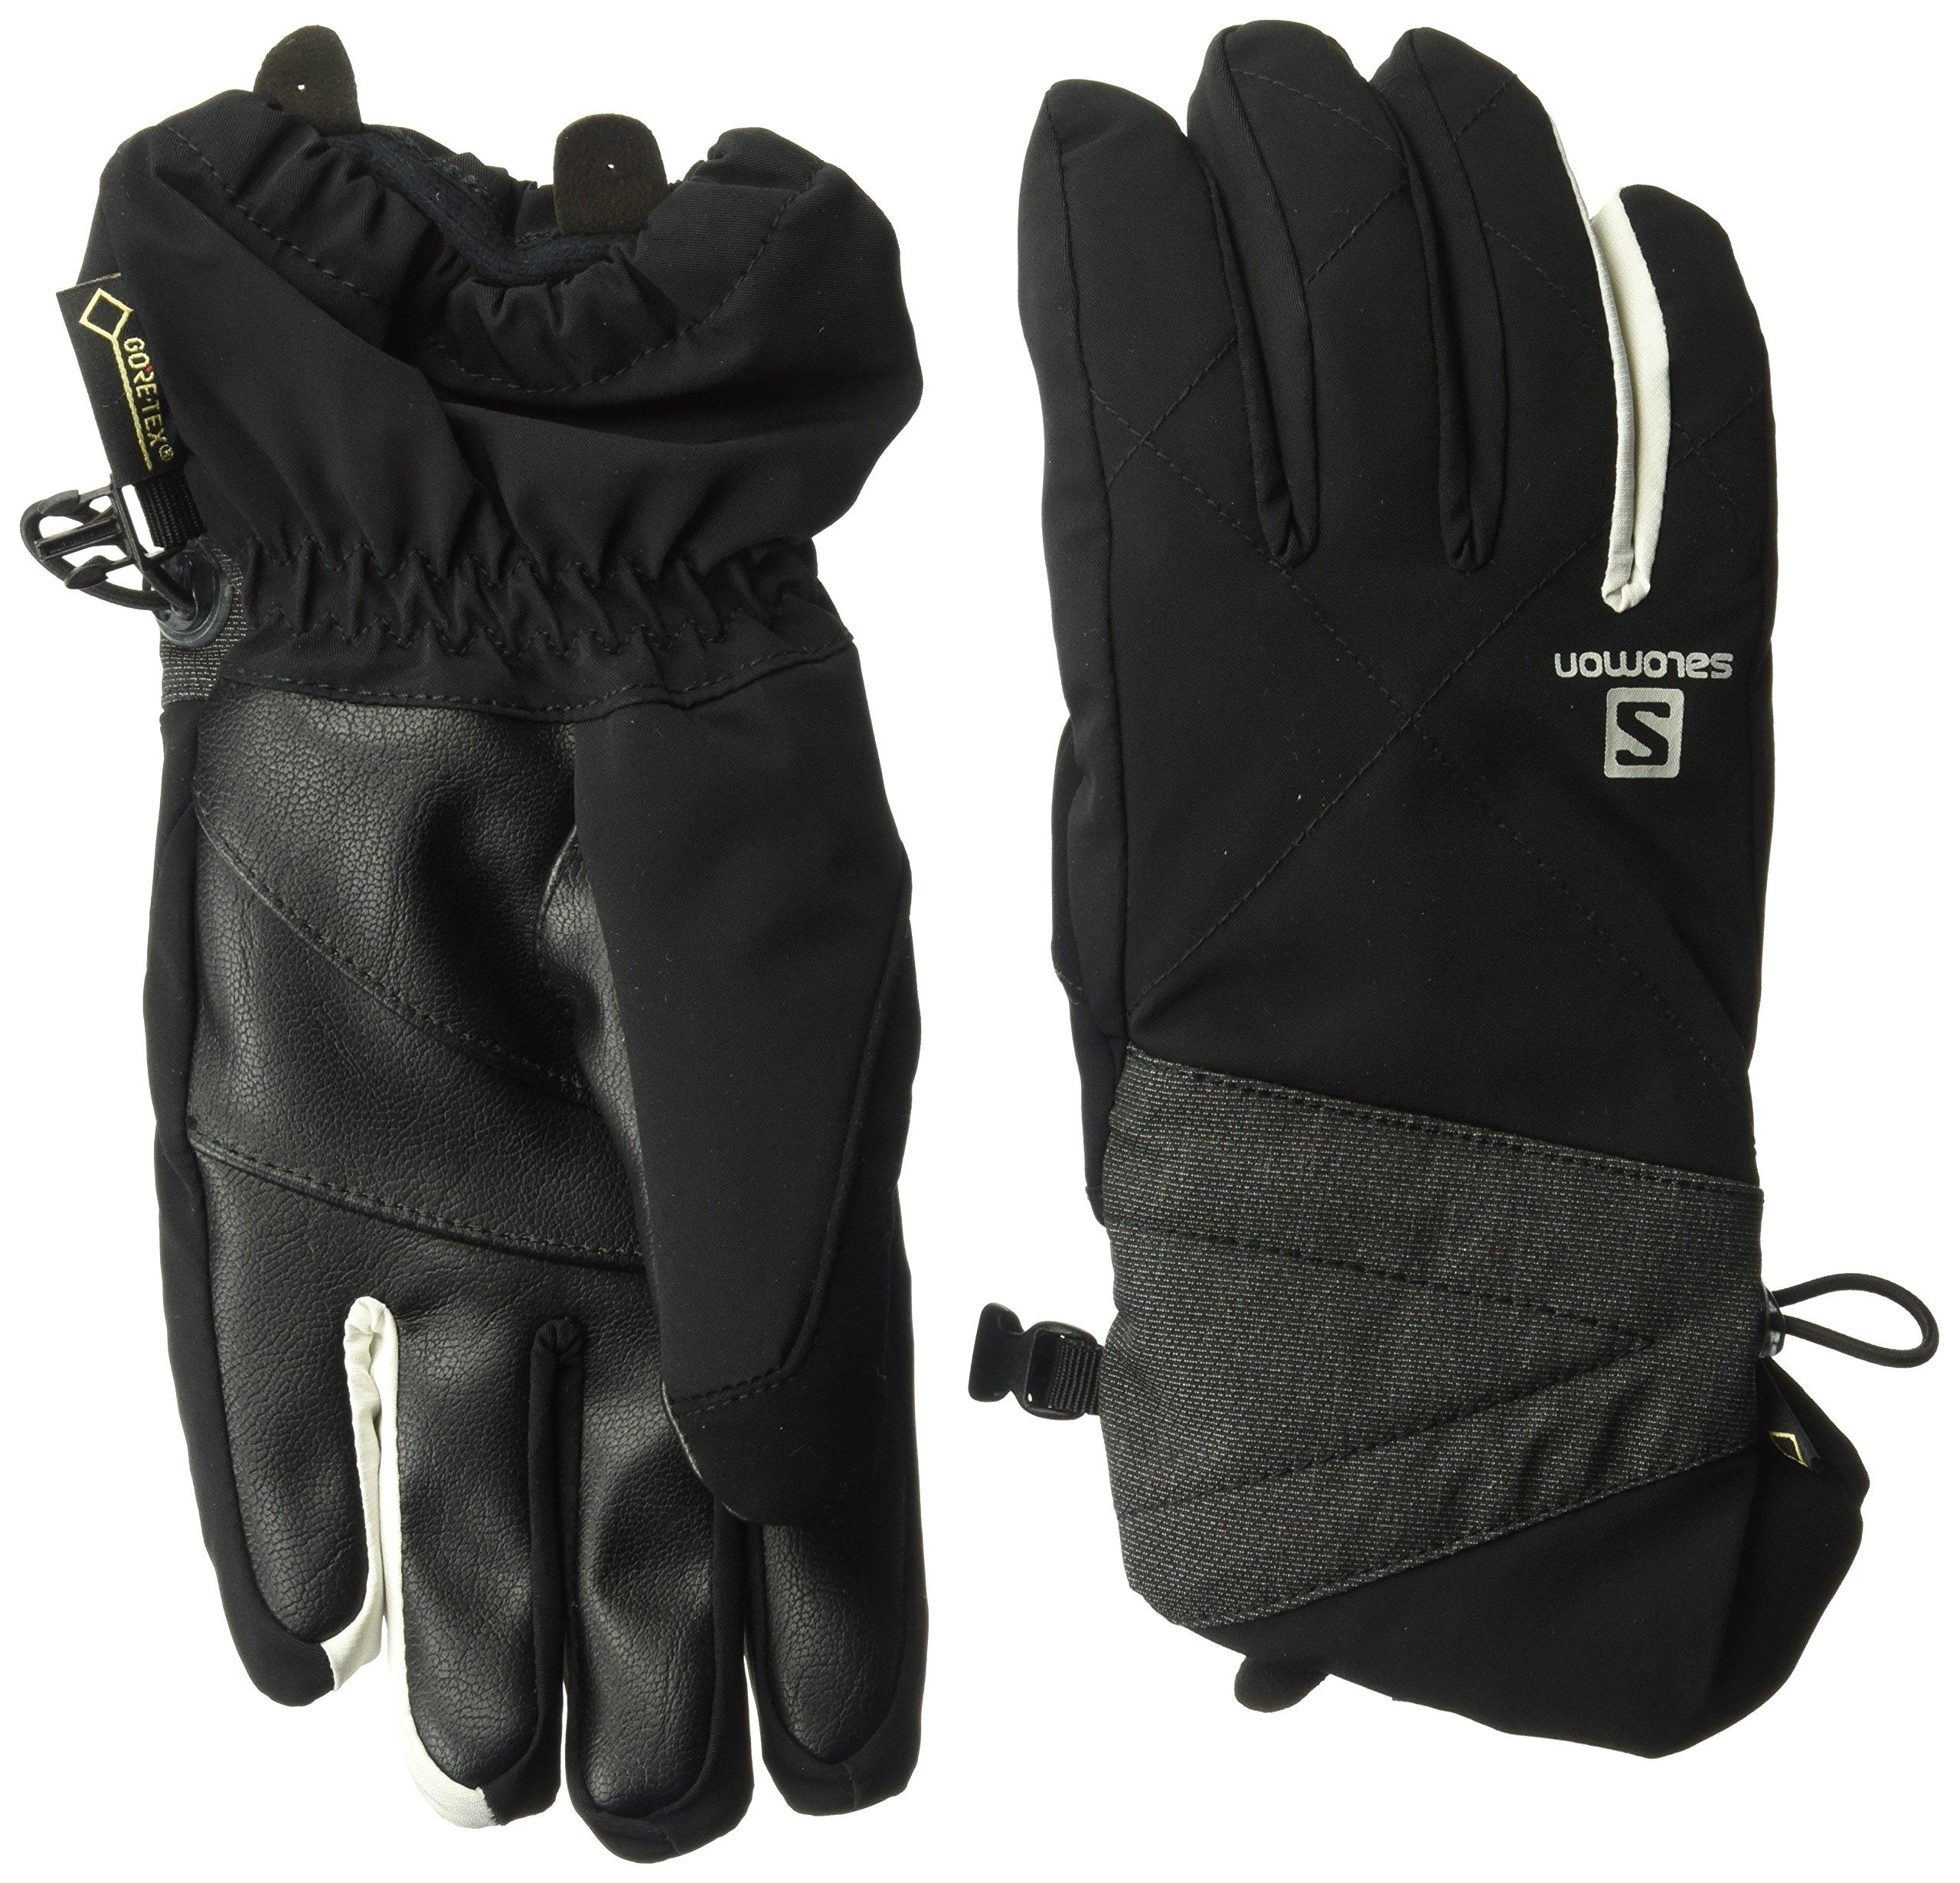 Salomon Women's Icon GTX Gloves, Black, Large